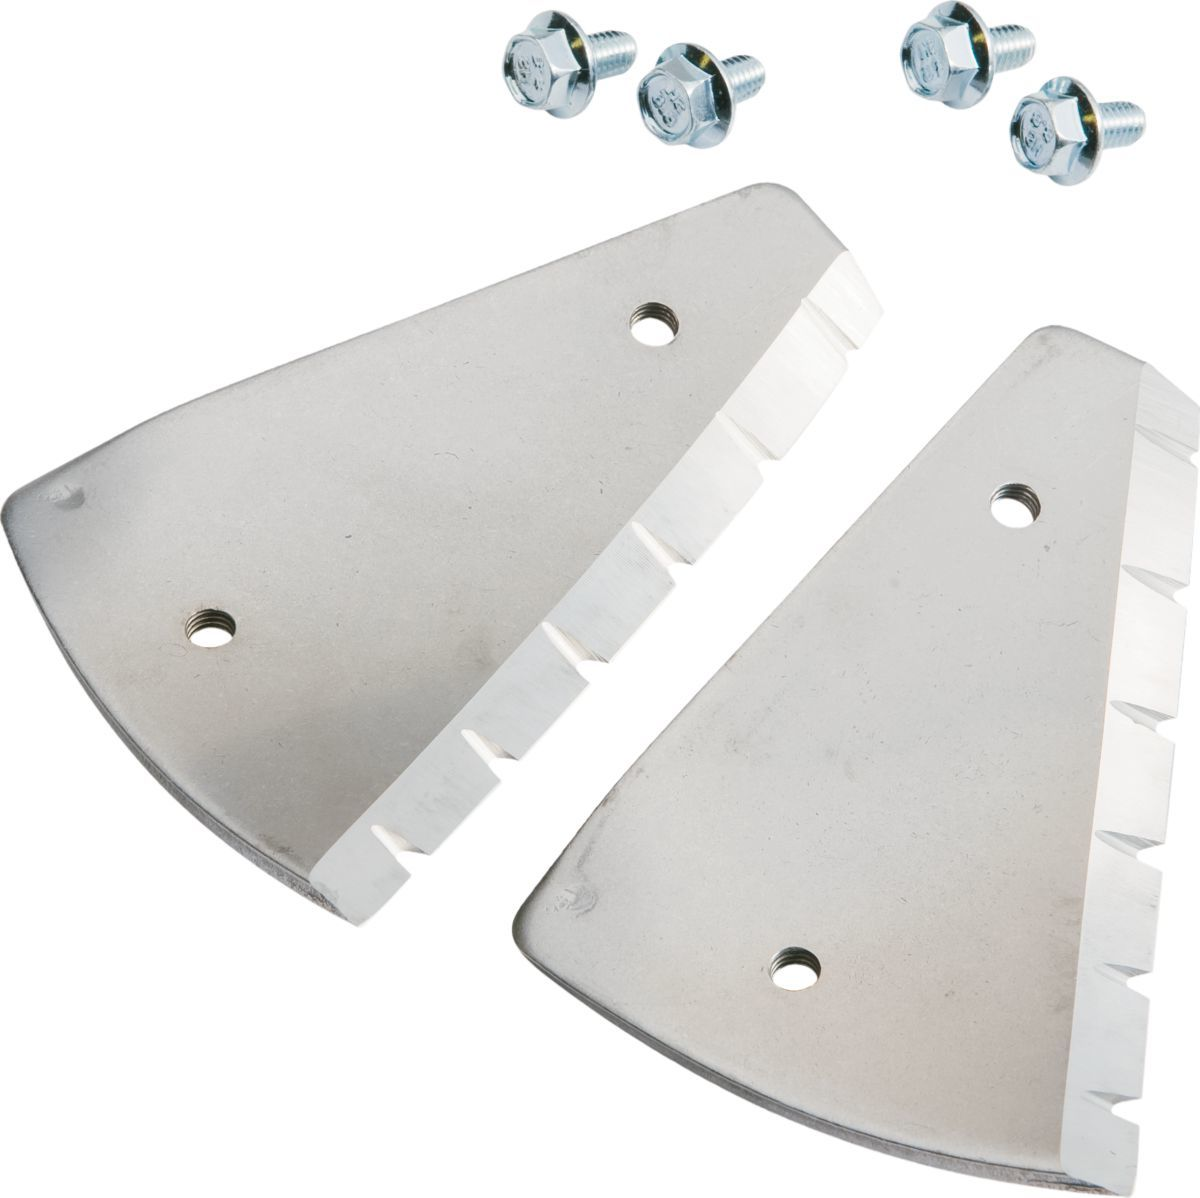 StrikeMaster® Lazer Replacement Blades